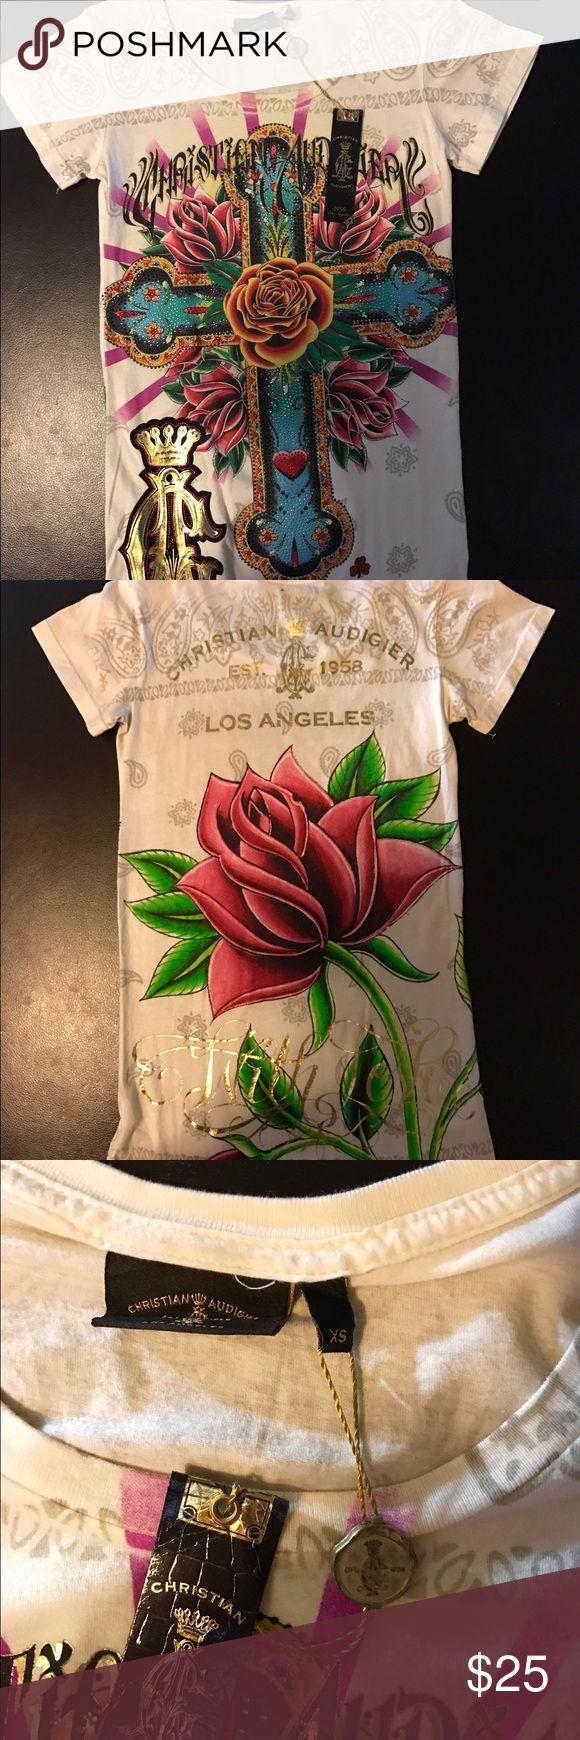 Christian audigier blouse Brand new Christian audigier blouse. Christian Audigier Tops Blouses